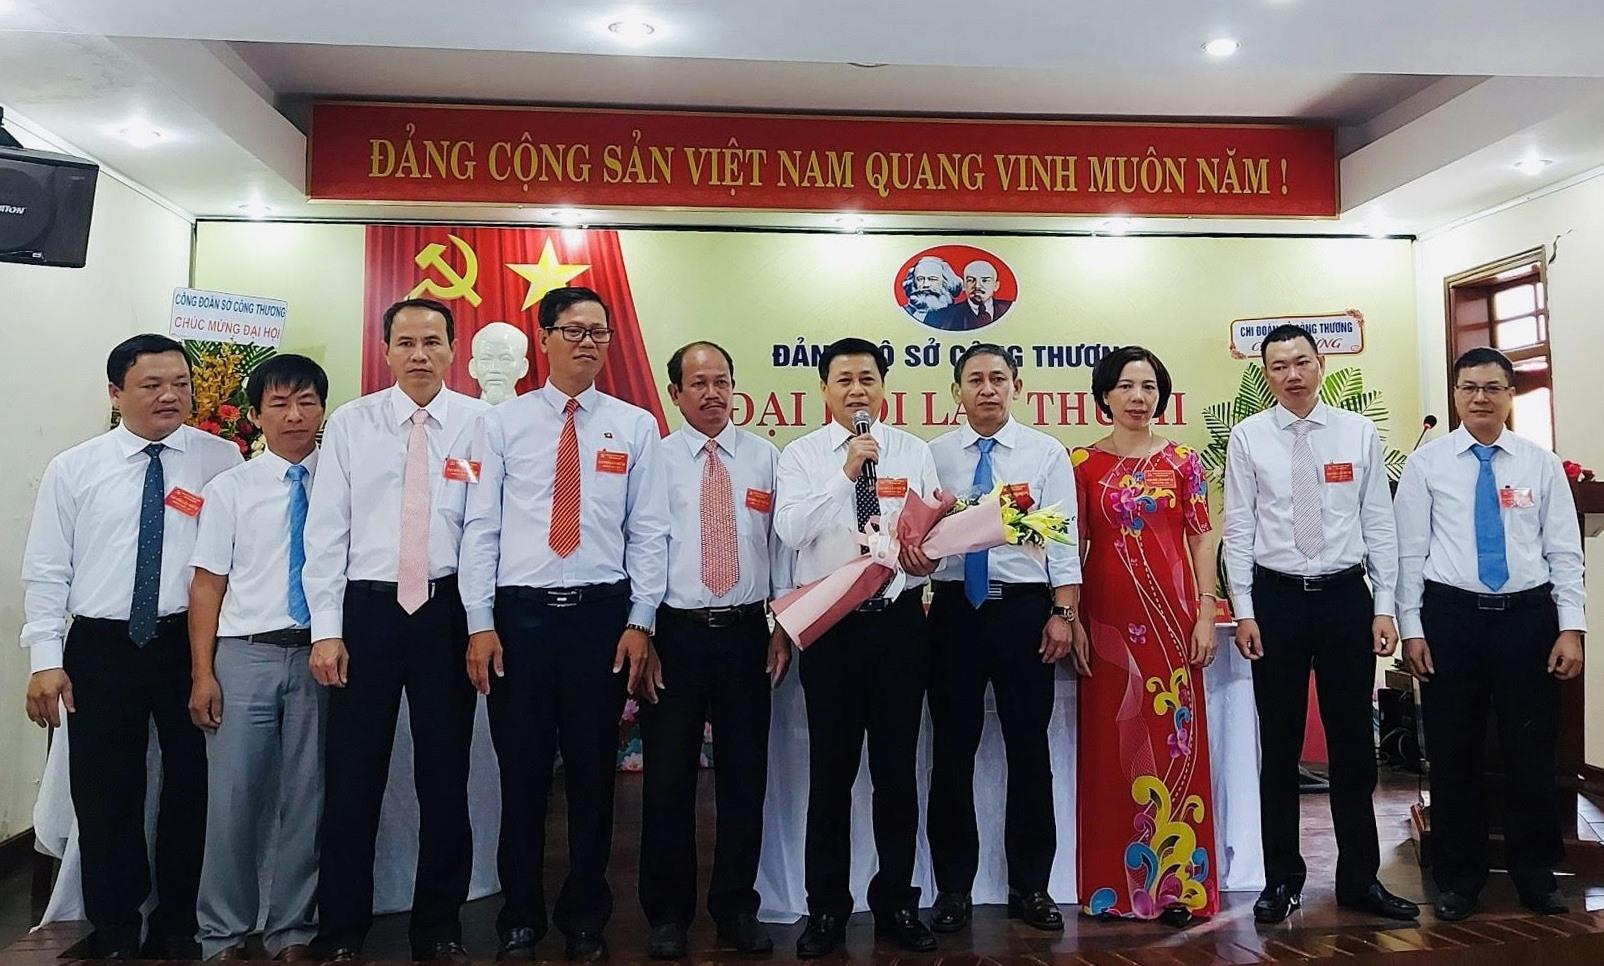 Ban chấp hành Đảng bộ Sở Công thương khóa III ra mắt Đại hội. Ảnh: ĐINH PHÚC